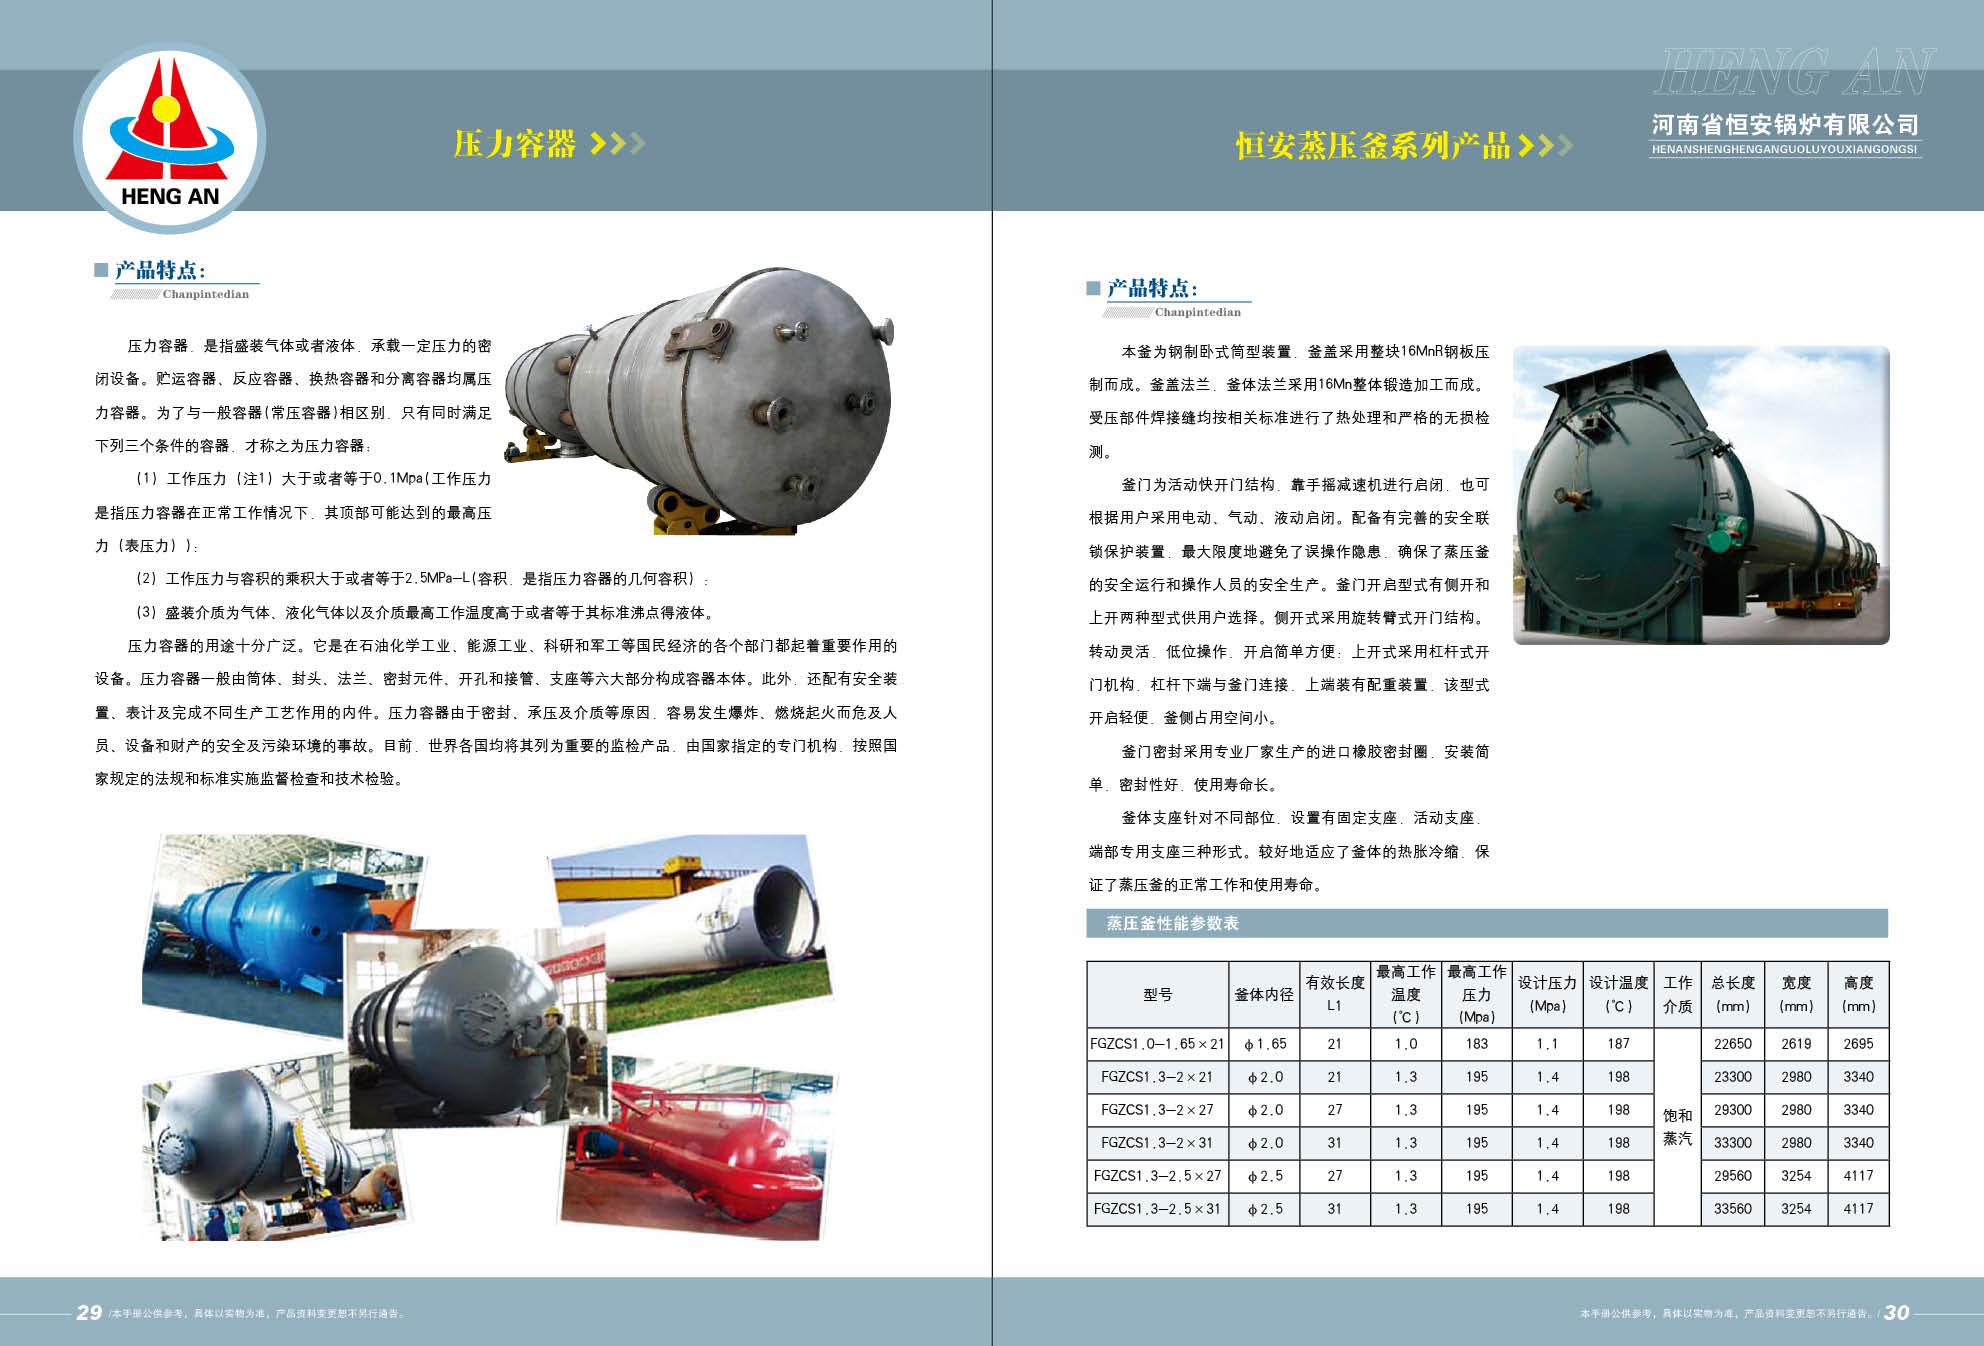 恒安锅炉电子样本/河南恒安锅炉有限公司-恒安燃煤4吨